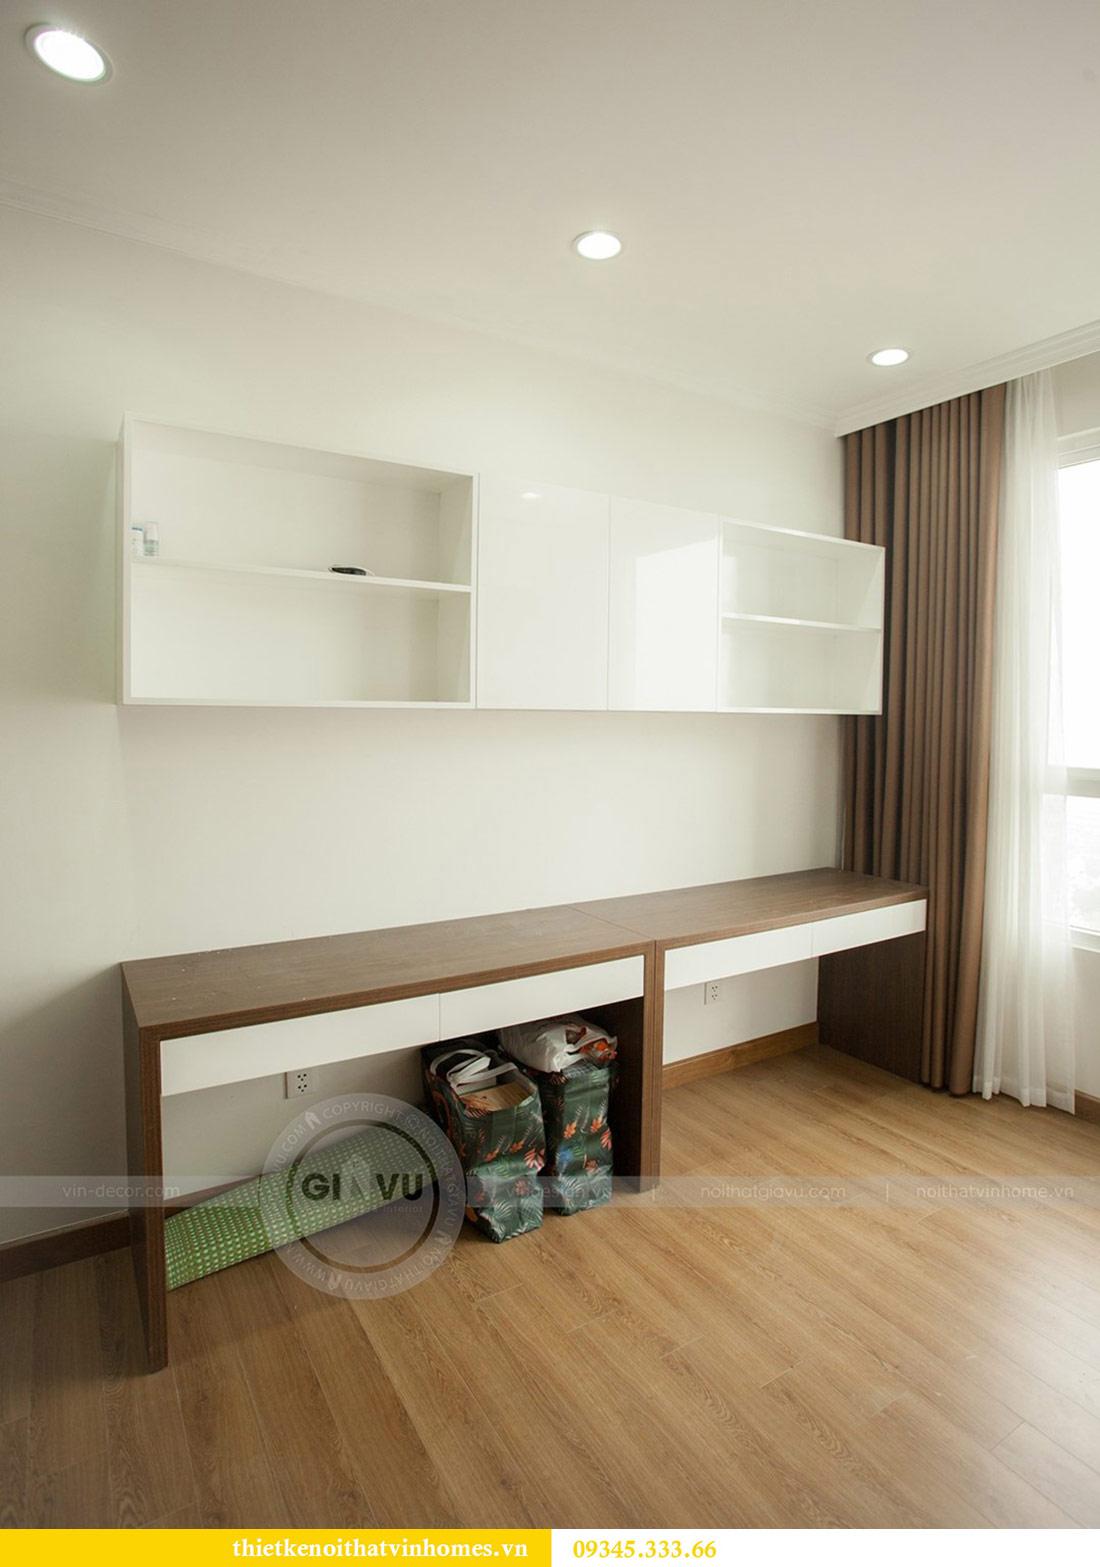 Thi công nội thất chung cư Vinhomes Sky Lake căn 3 phòng ngủ 12